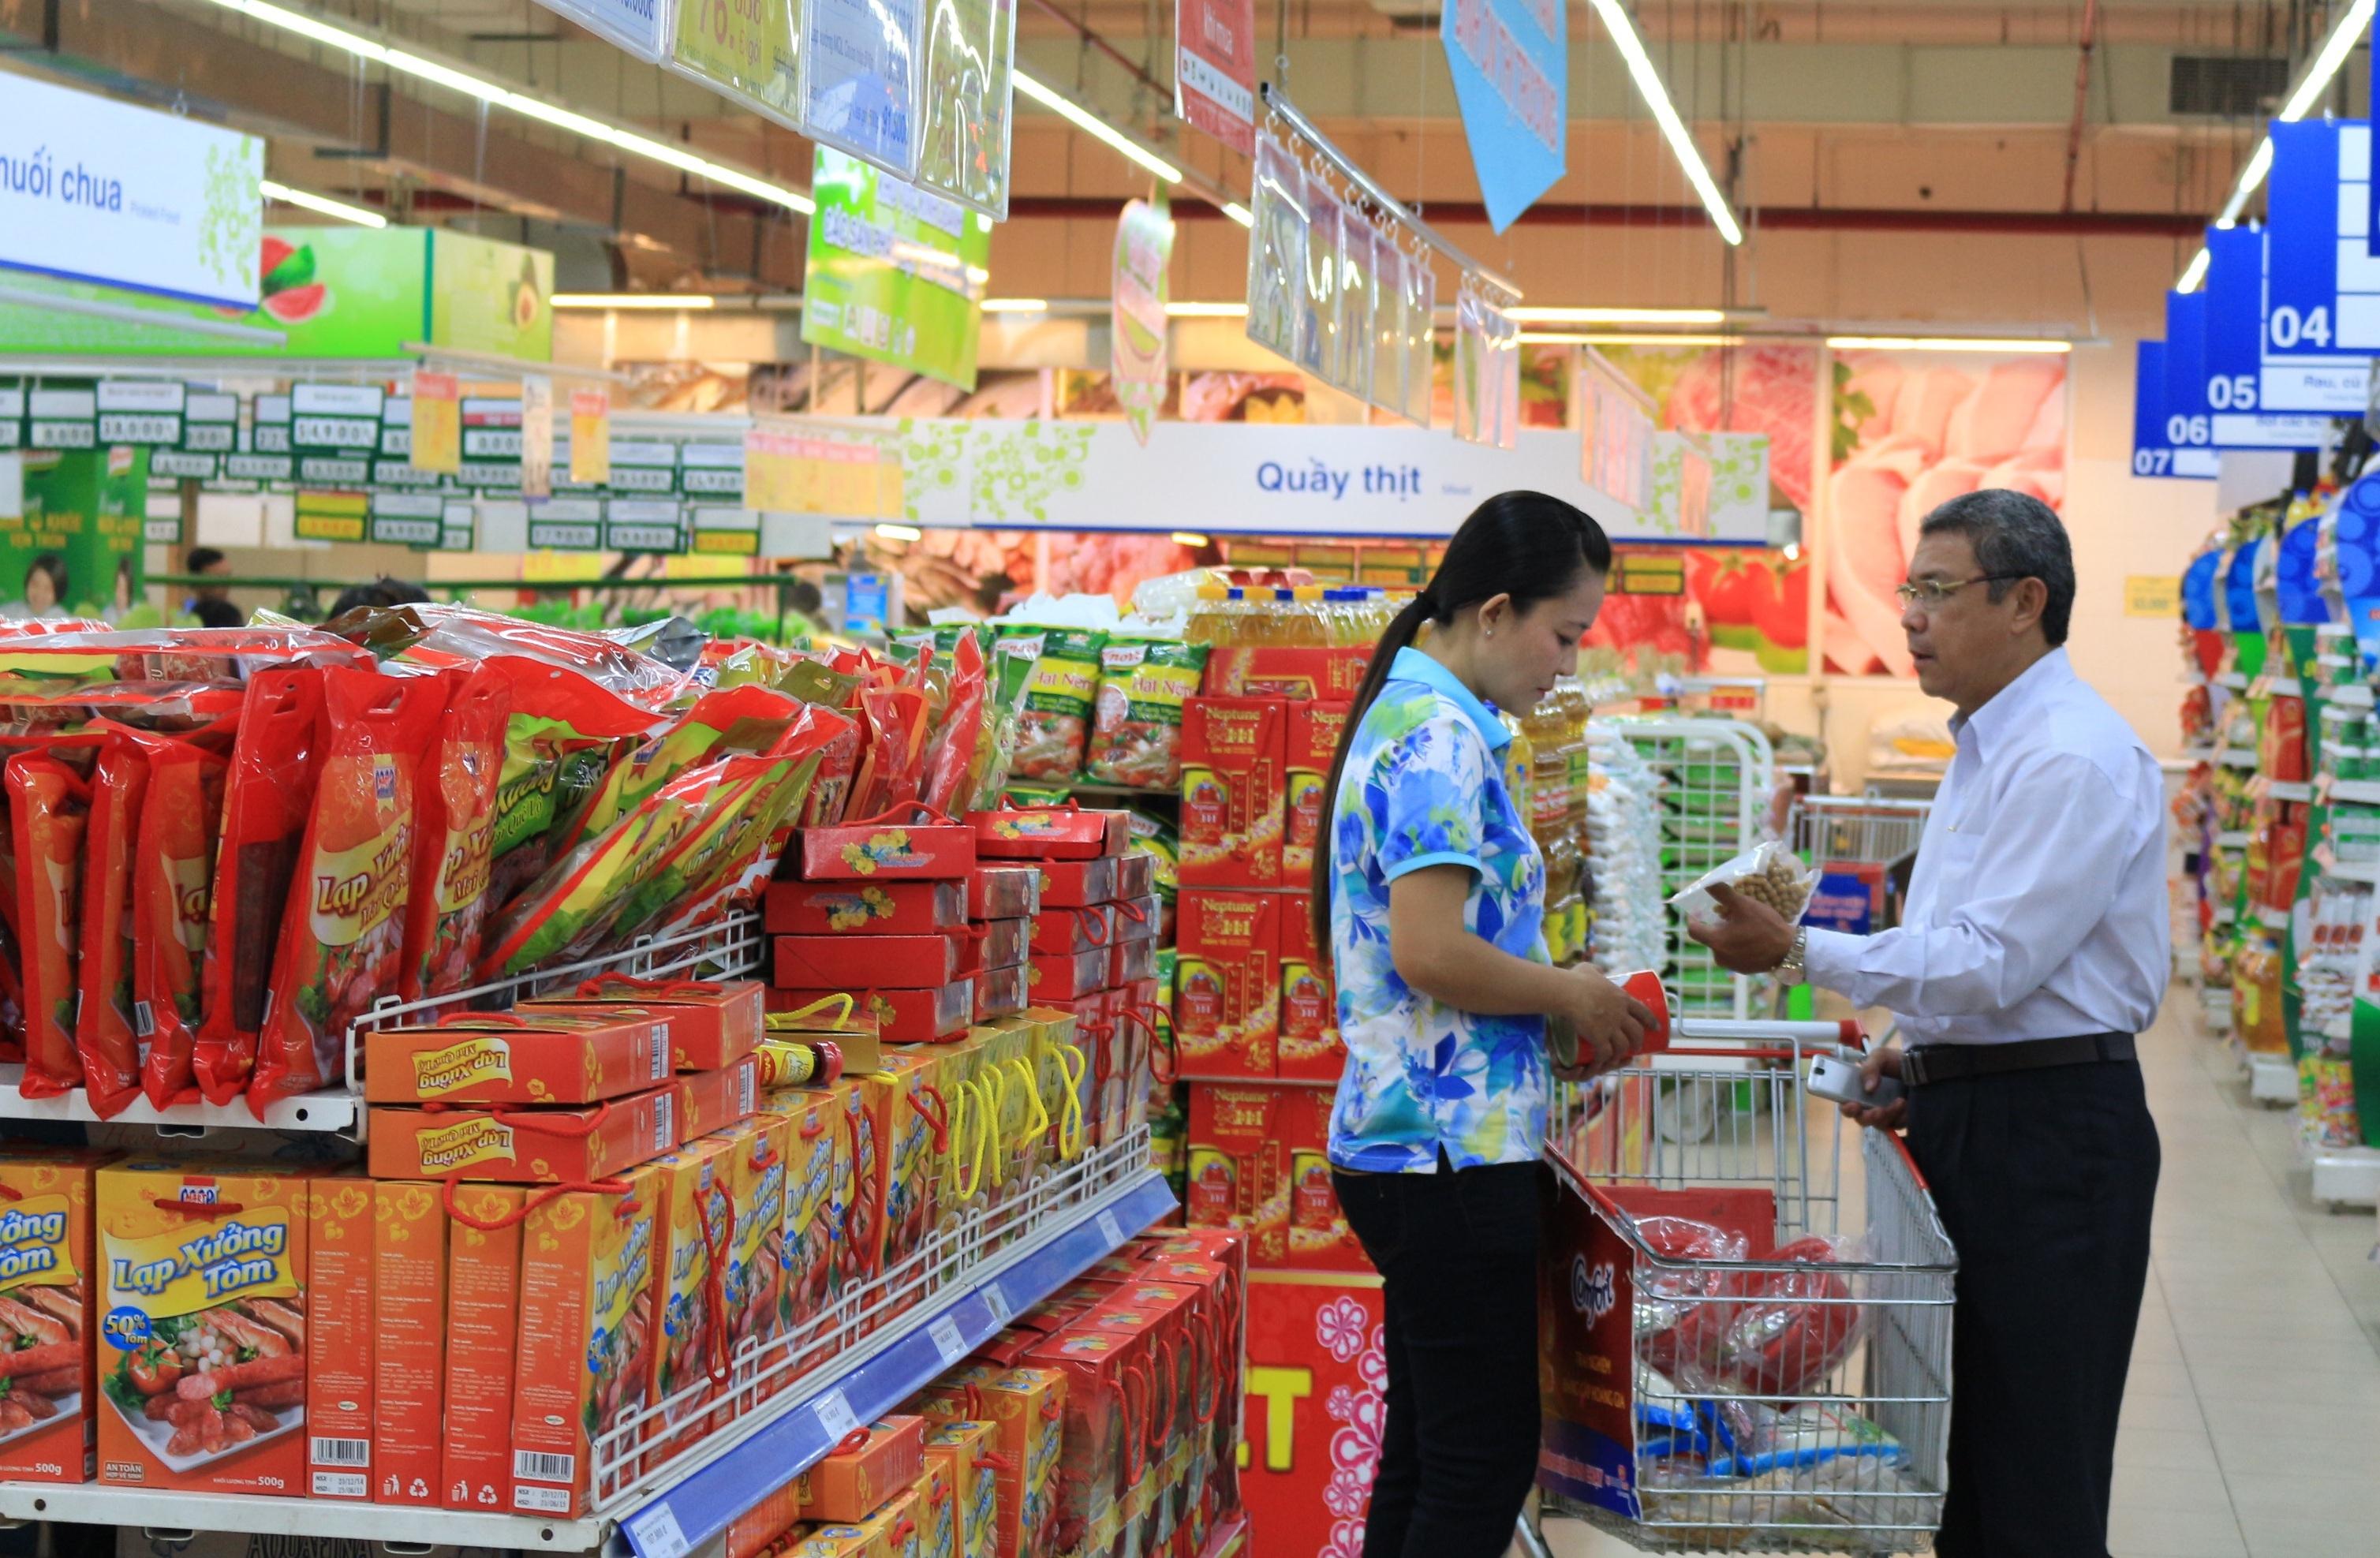 Khi hàng Thái đang tấn công ồ ạt và chiếm lĩnh thị trường Việt Nam thì các DN vẫn đang loay hoay với các vấn đề của mình